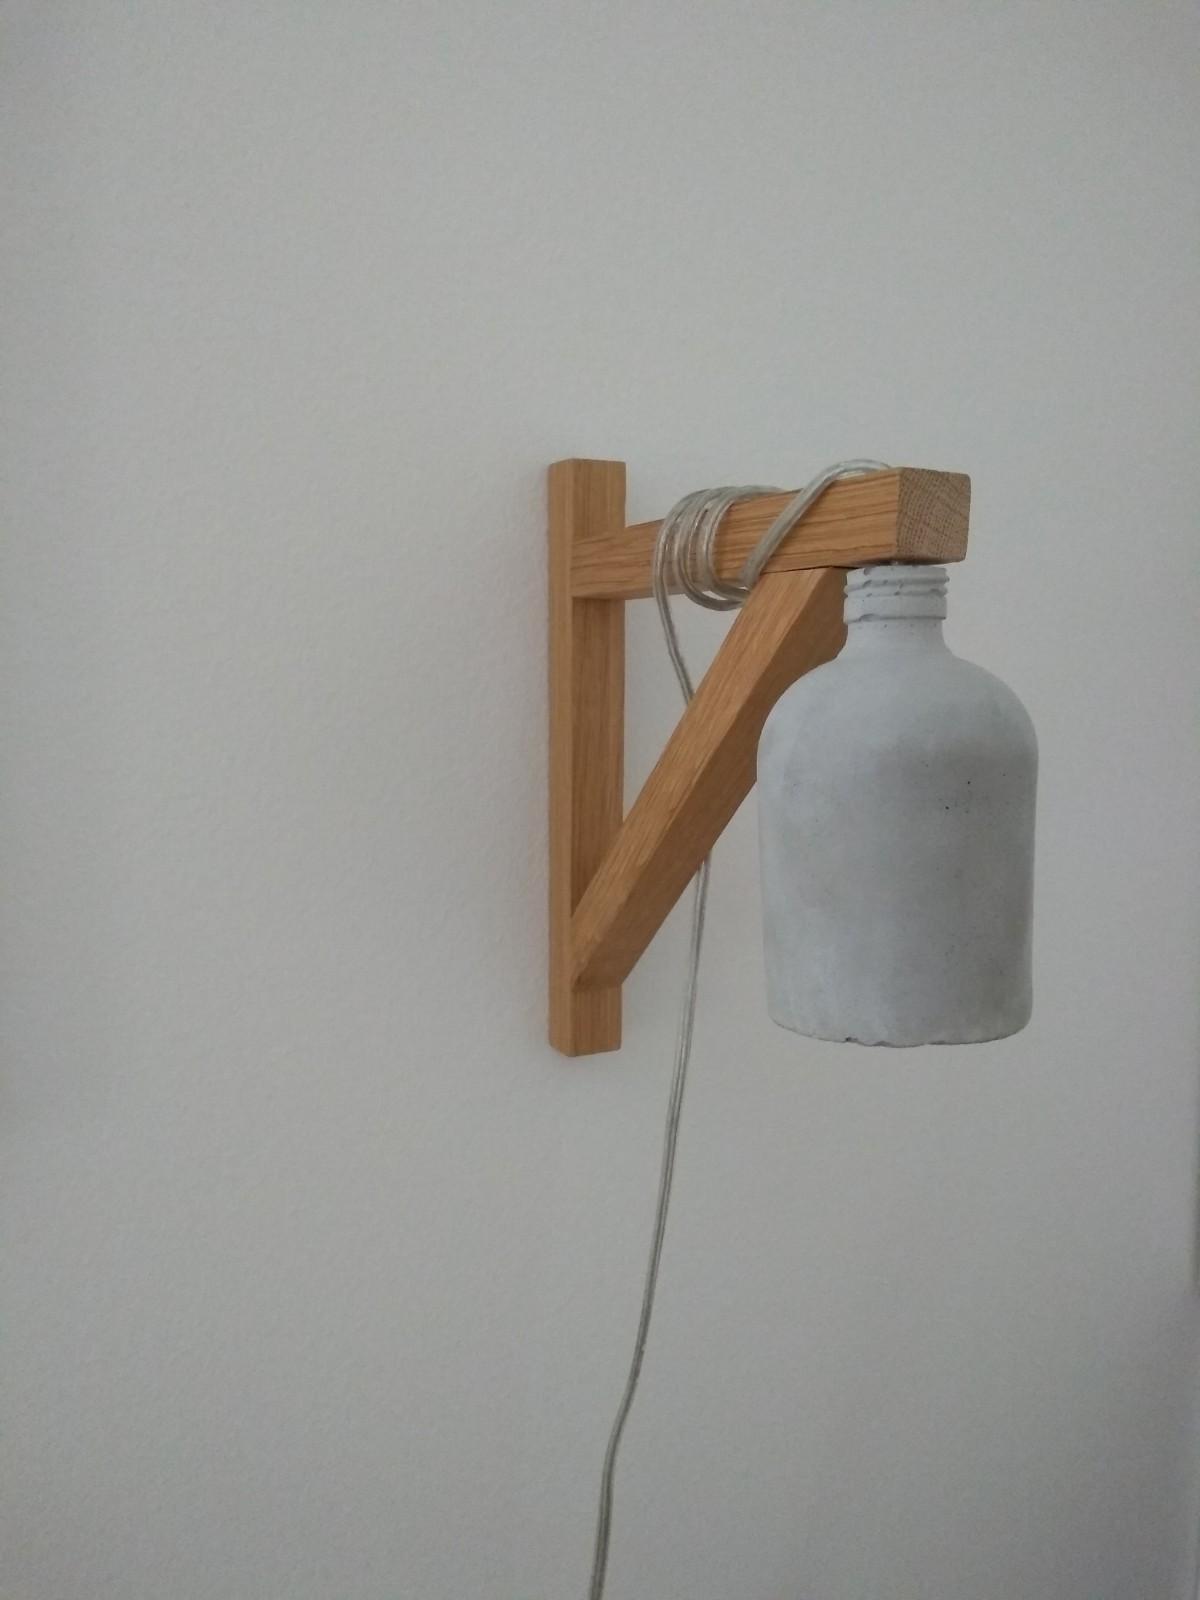 Nástenné svietidlo hand-made zo Sashe.sk - Obrázok č. 1